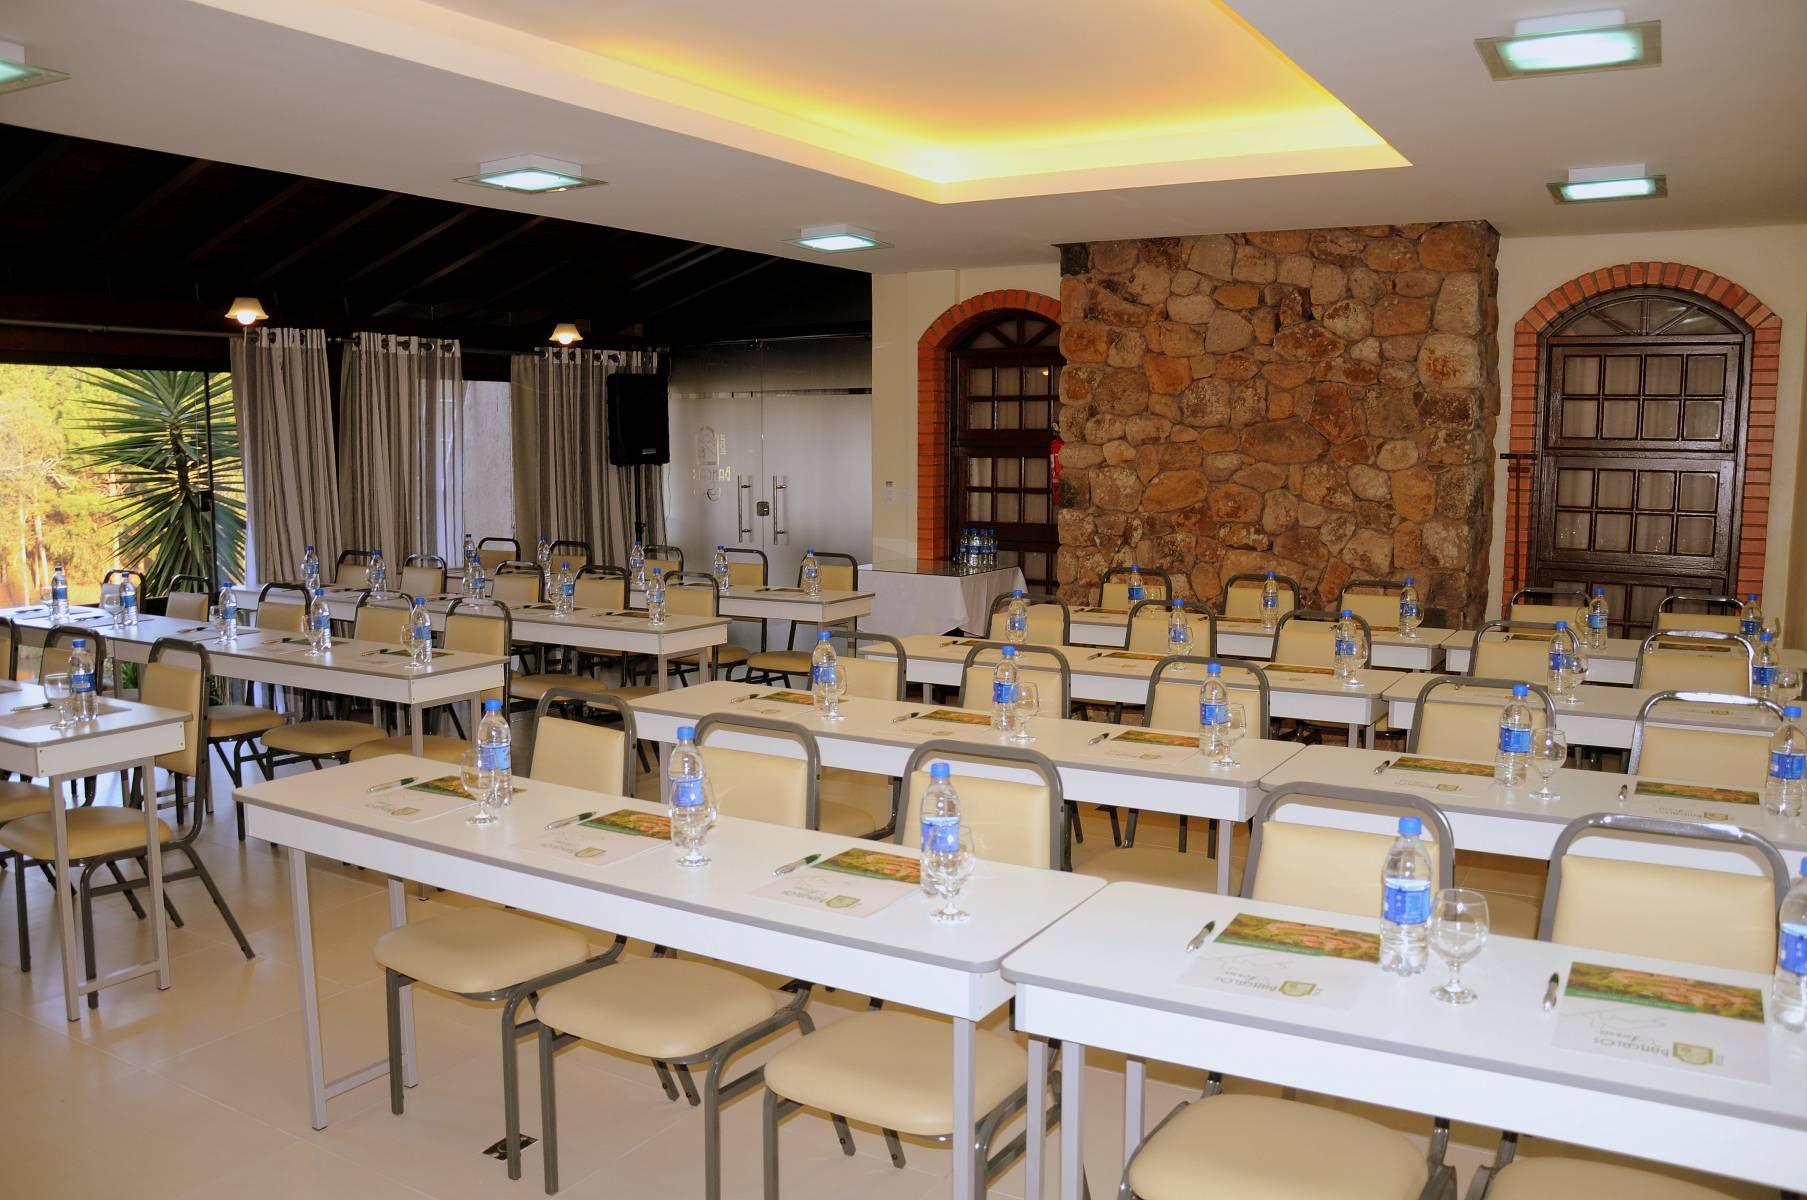 Sala Reuniões - Eventos - Hotel Bangalôs da Serra #CurtaSuaFamilia #HotelSustentavel #TurismoVerde #TravelersChoice #EcoLider #Gramado